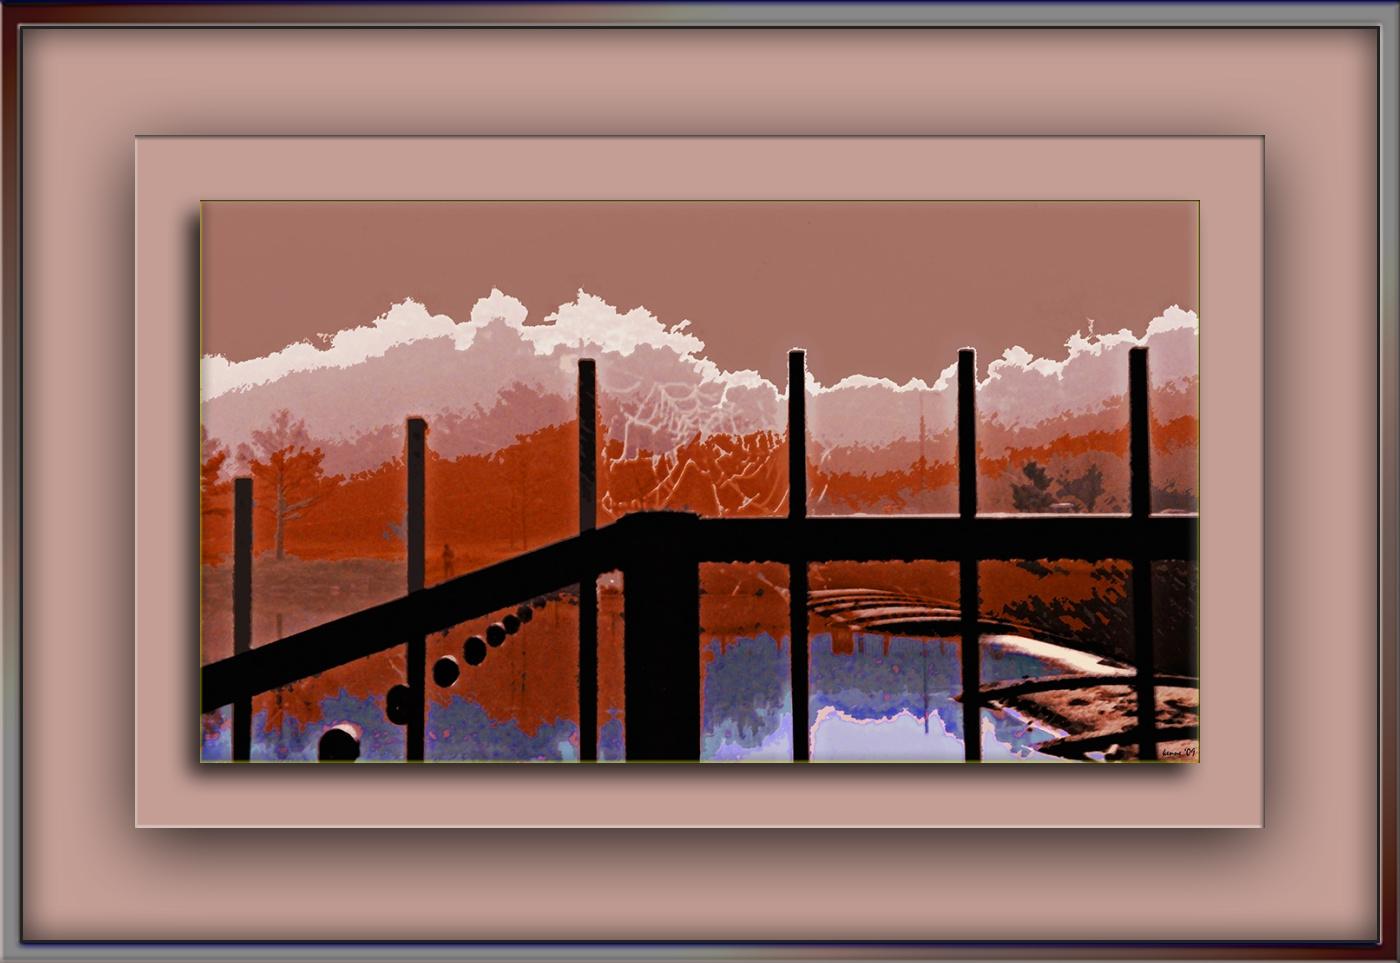 webs-poster-paper-tair-hue-color-rain-blog-framed